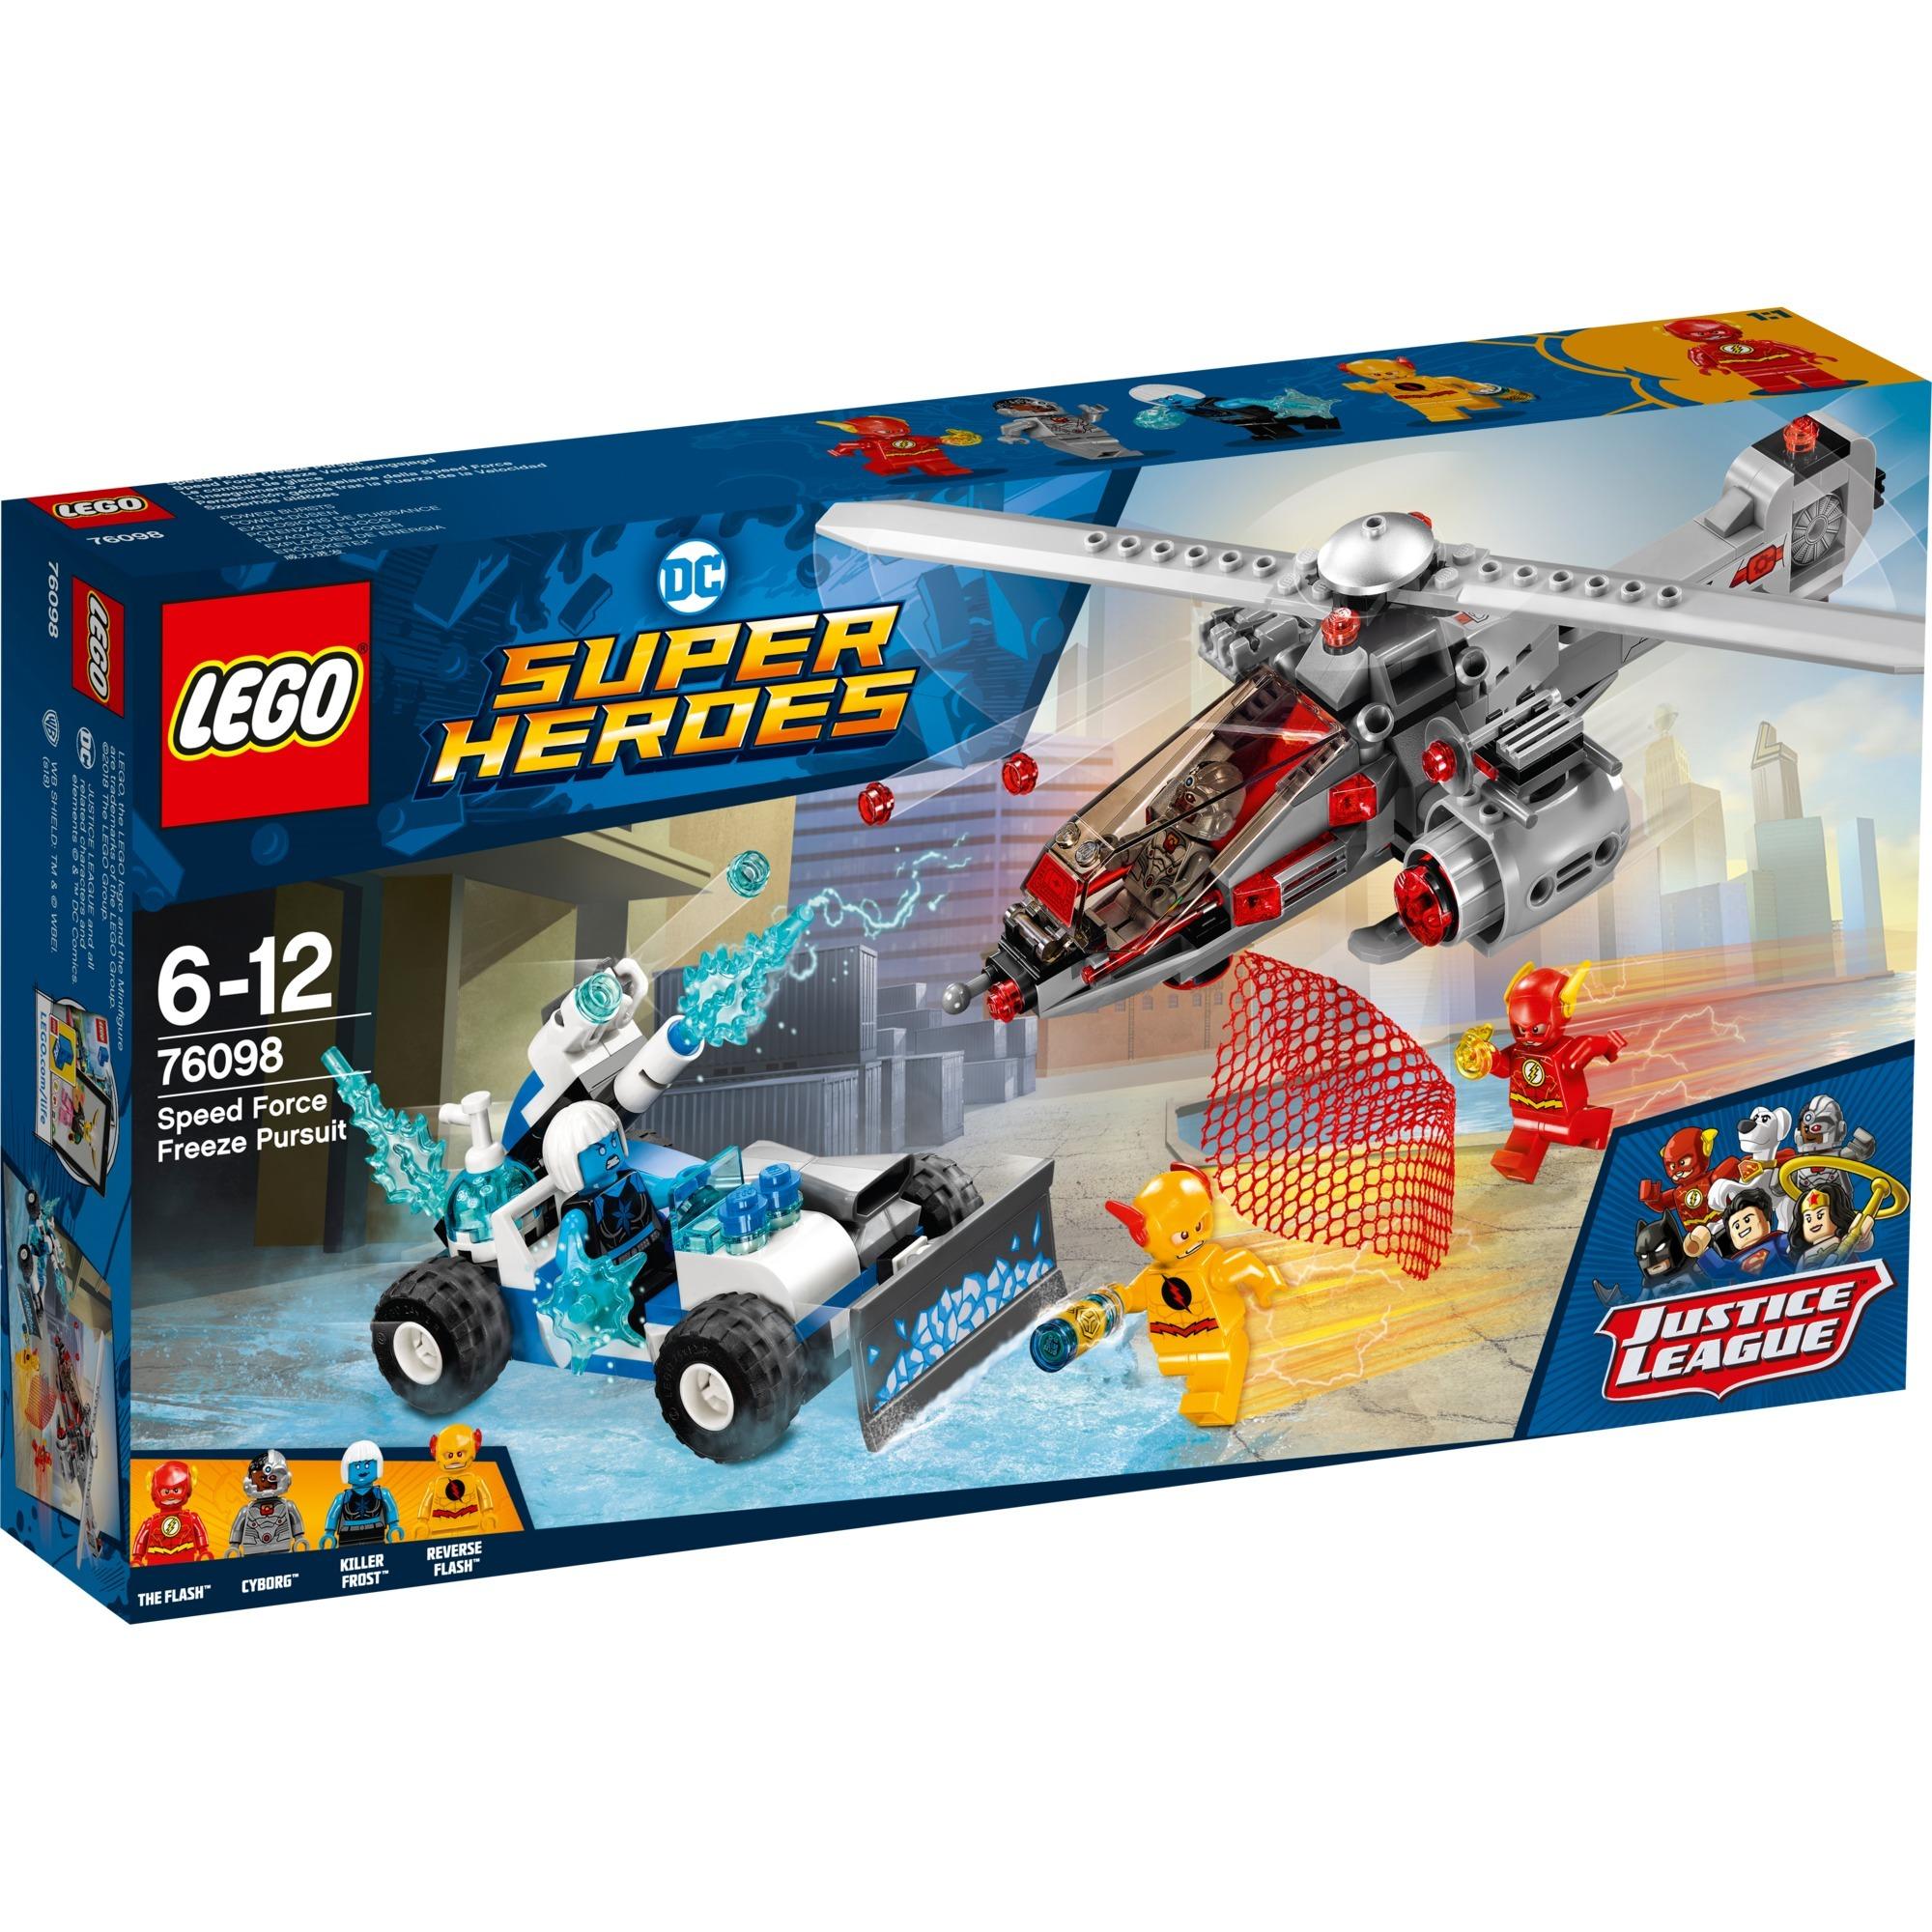 Comics Le Super Dc Heroes Combat GlaceJouets Construction76098 De 8Pk0wnO